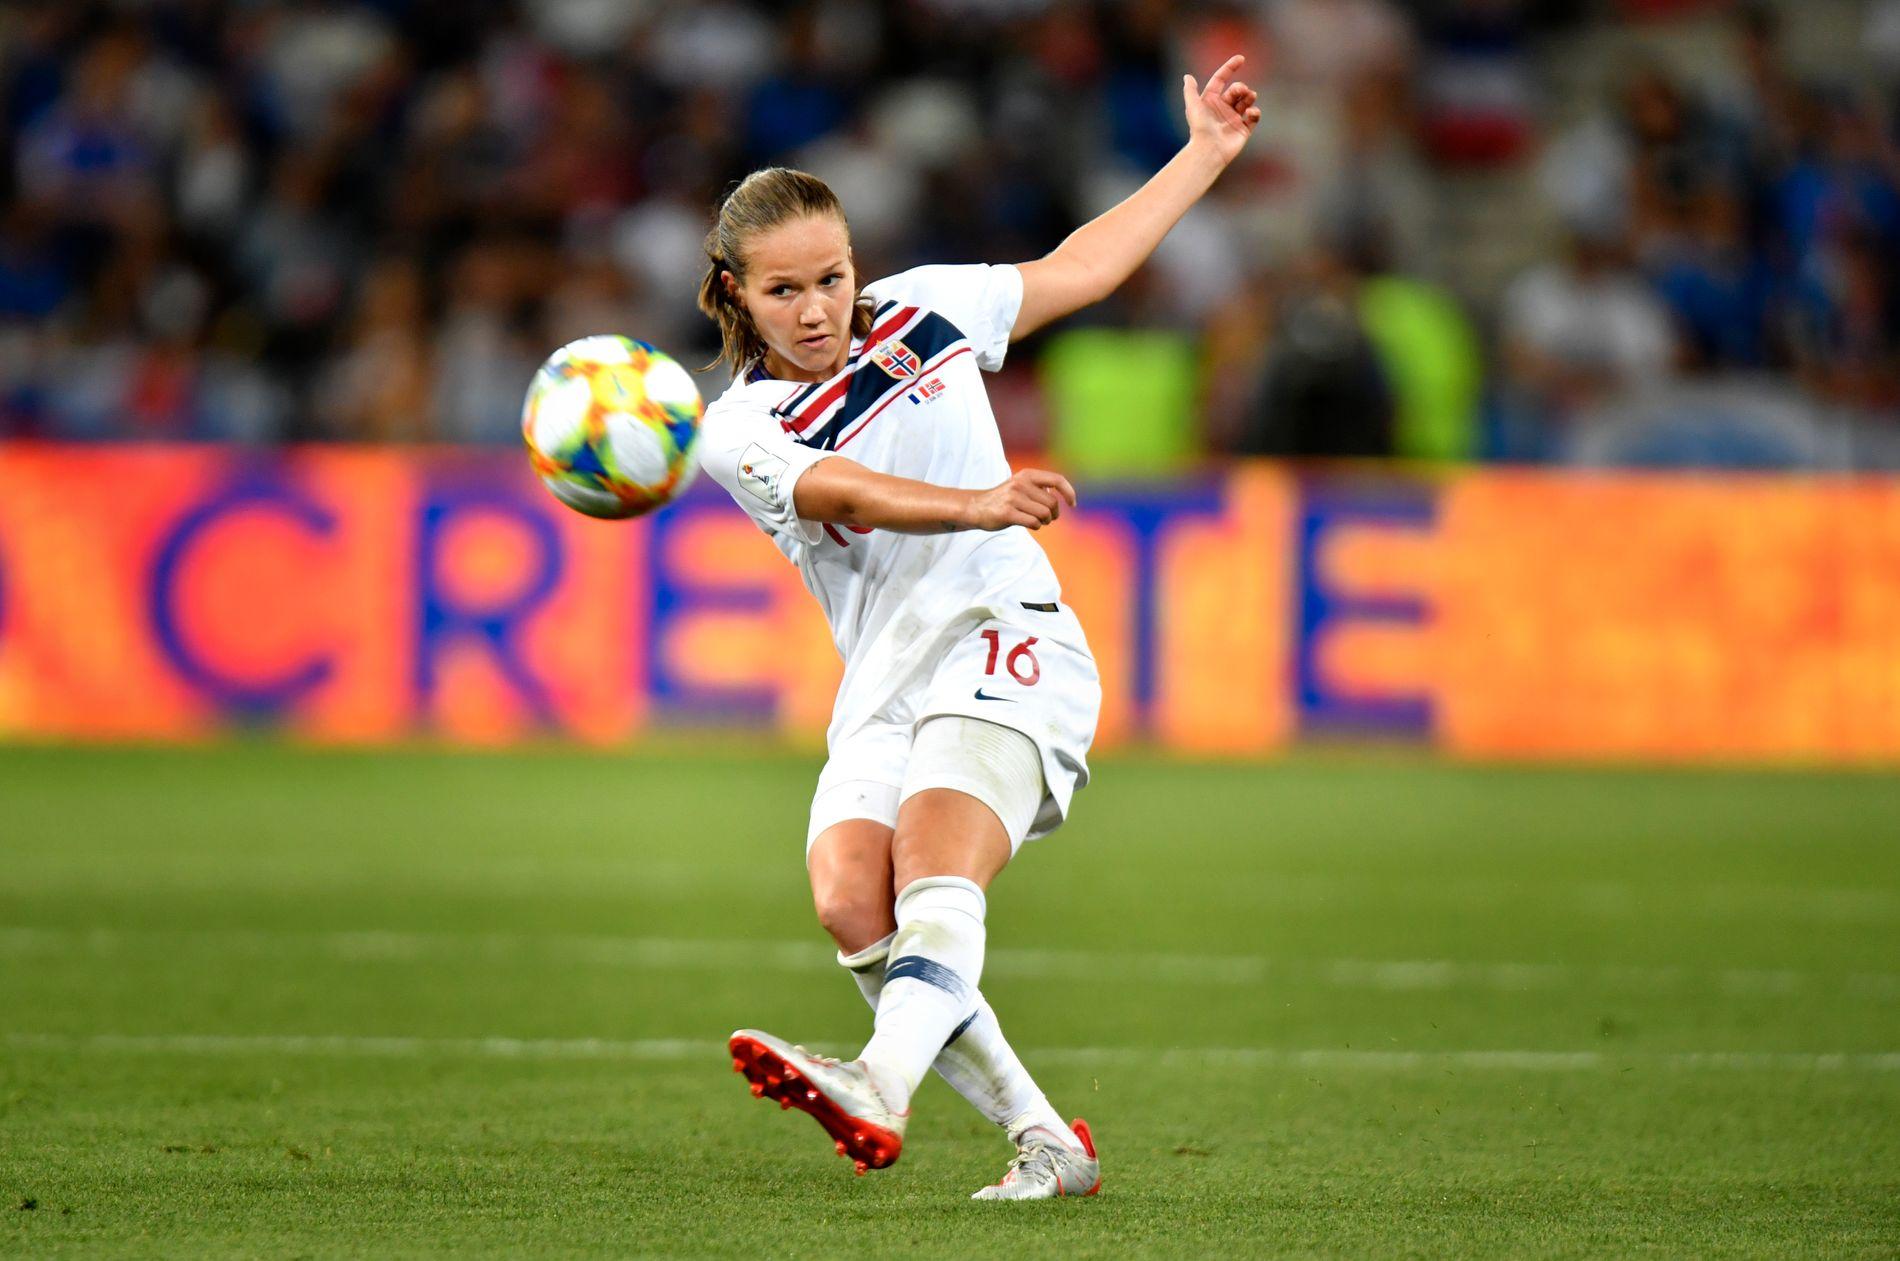 PERFEKSJON: Guro Reitens venstrebein er blant de bedre, men det er ikke det Chelsea-treneren er mest imponert av. Her er hun i aksjon mot Frankrike.